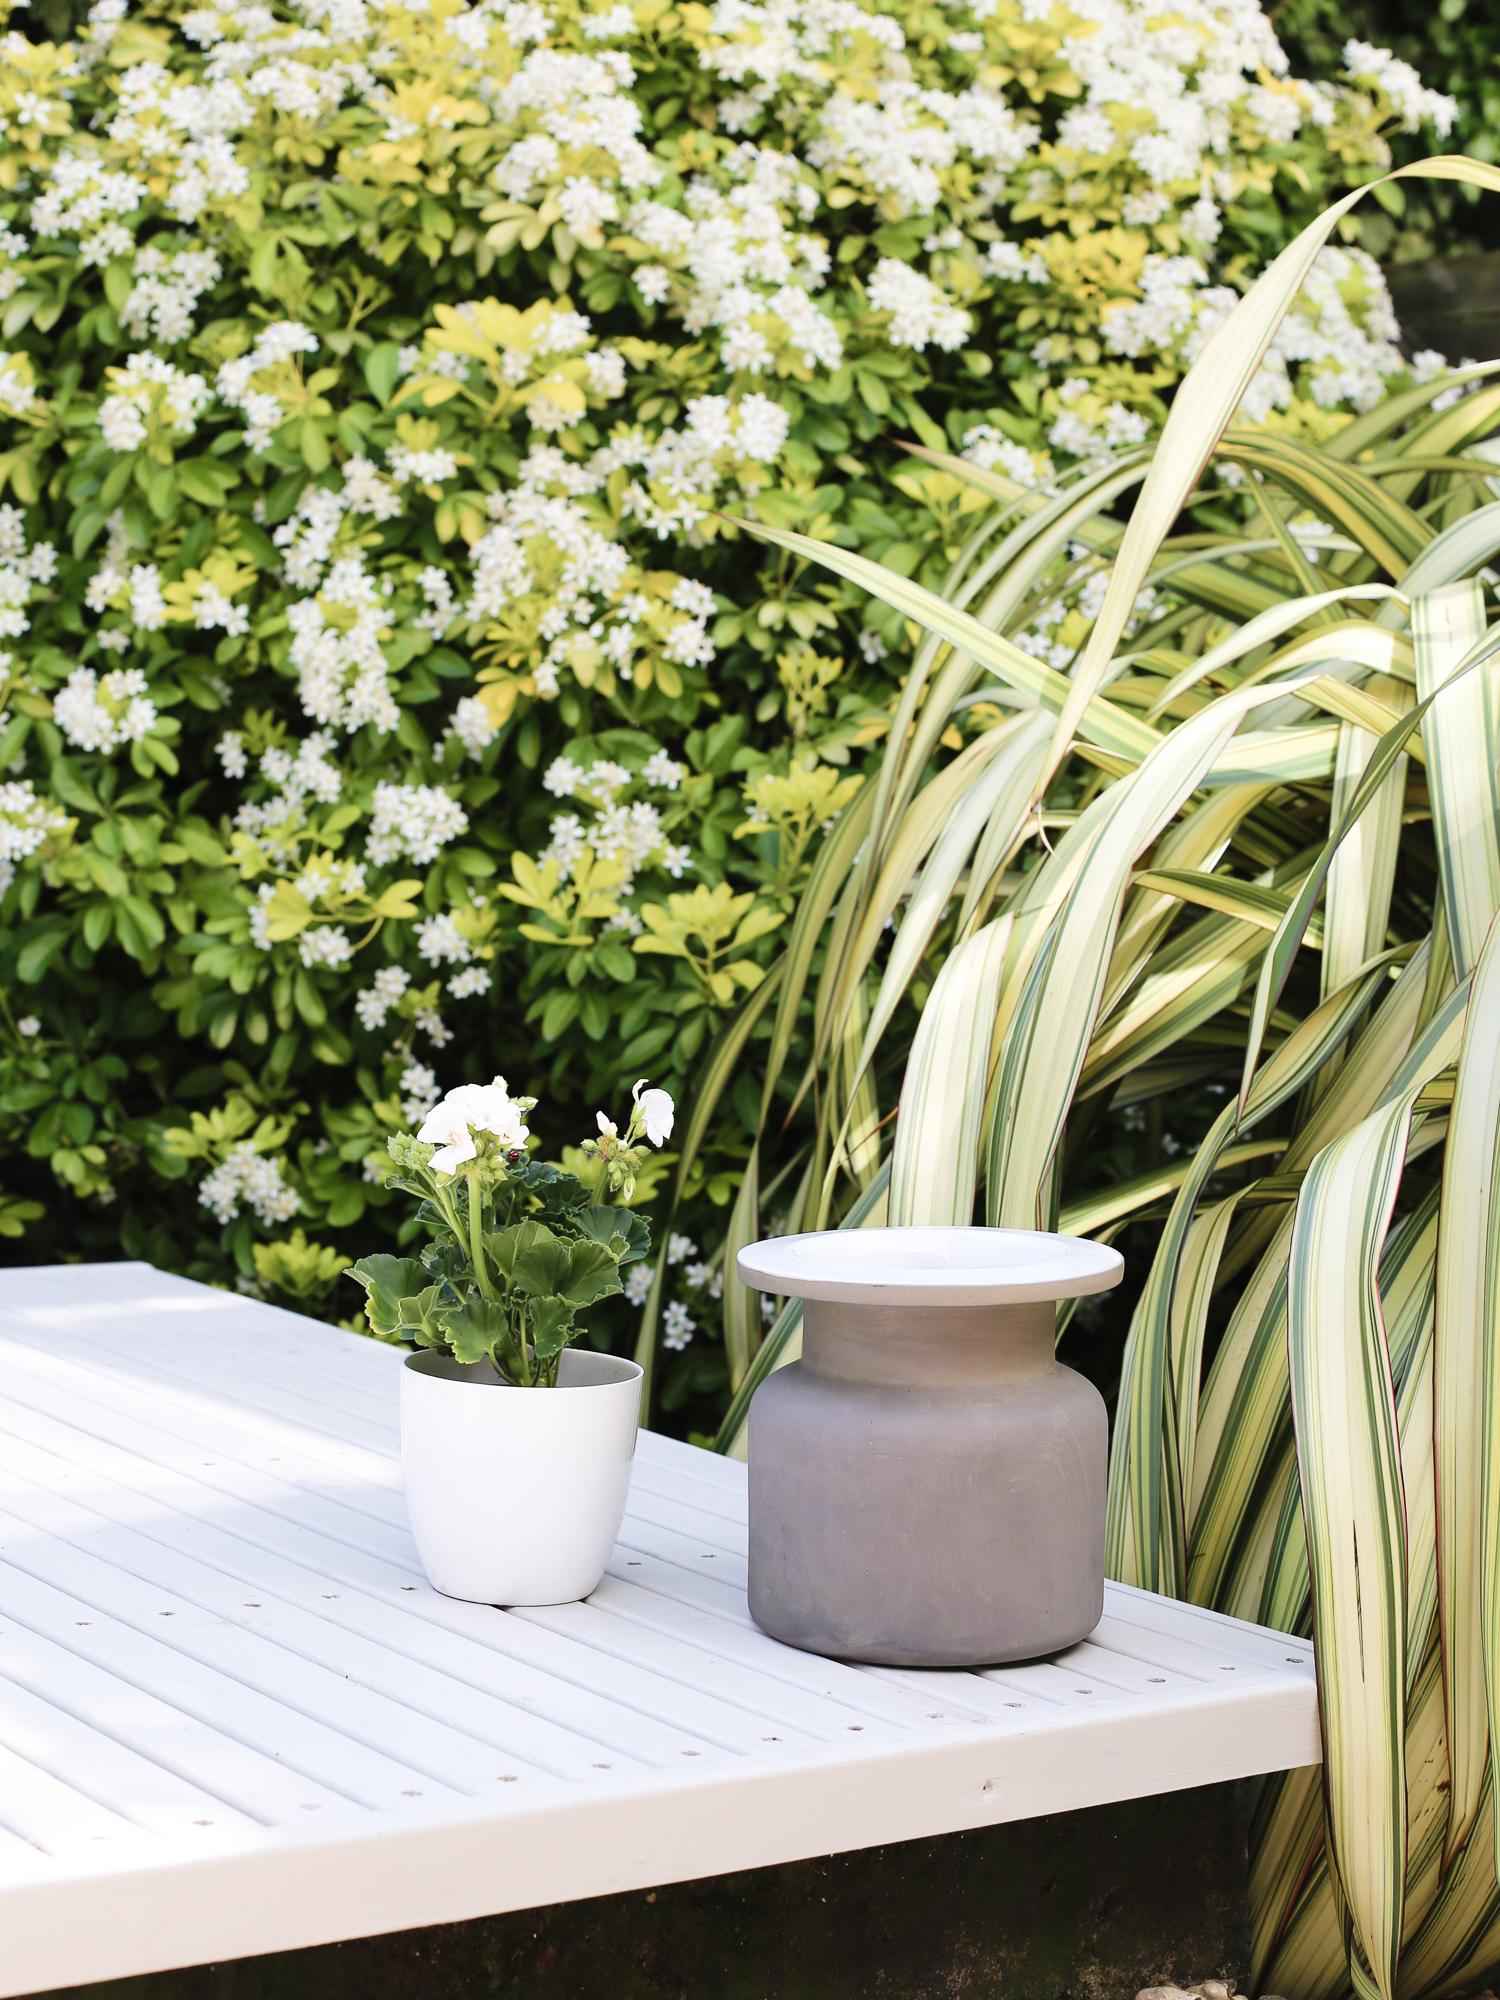 Garden planters on decking | Design Hunter